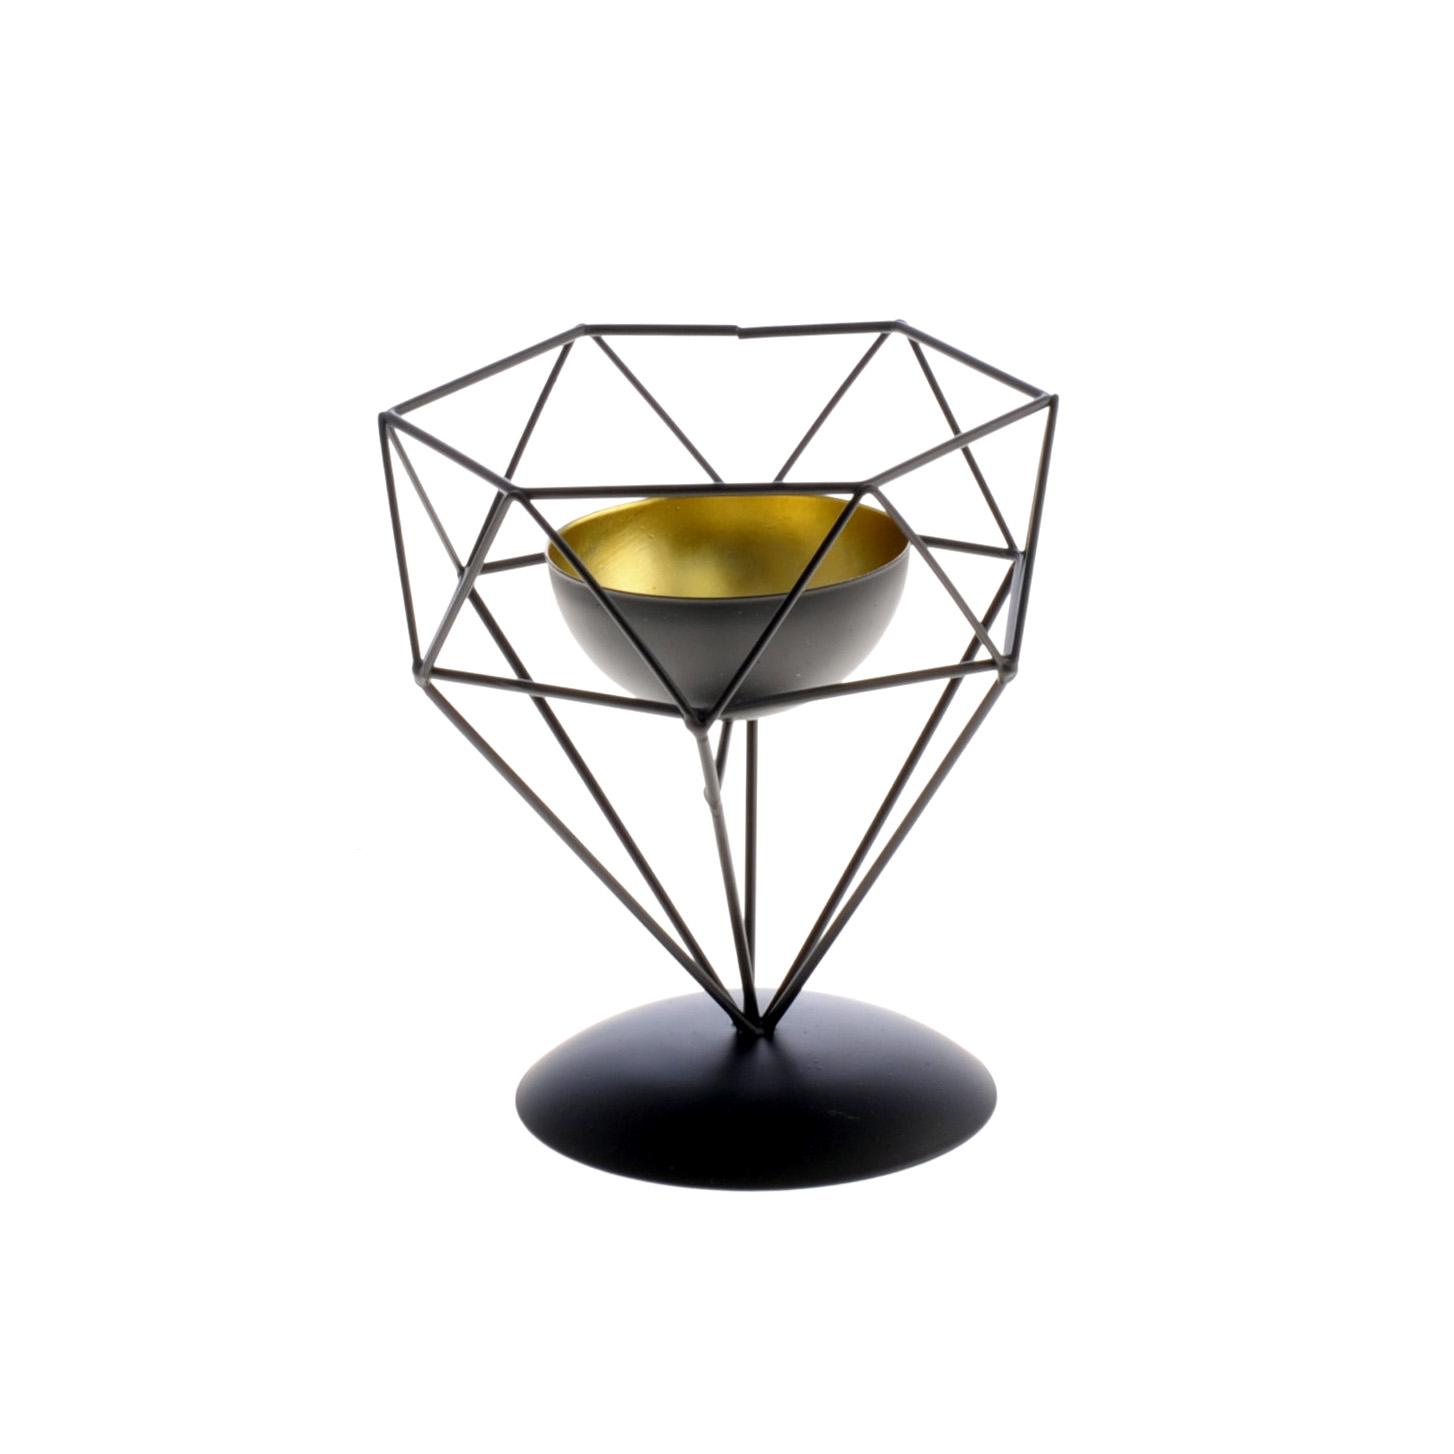 METALOWY LAMPION ŚWIECZNIK 16,5x14,5 cm